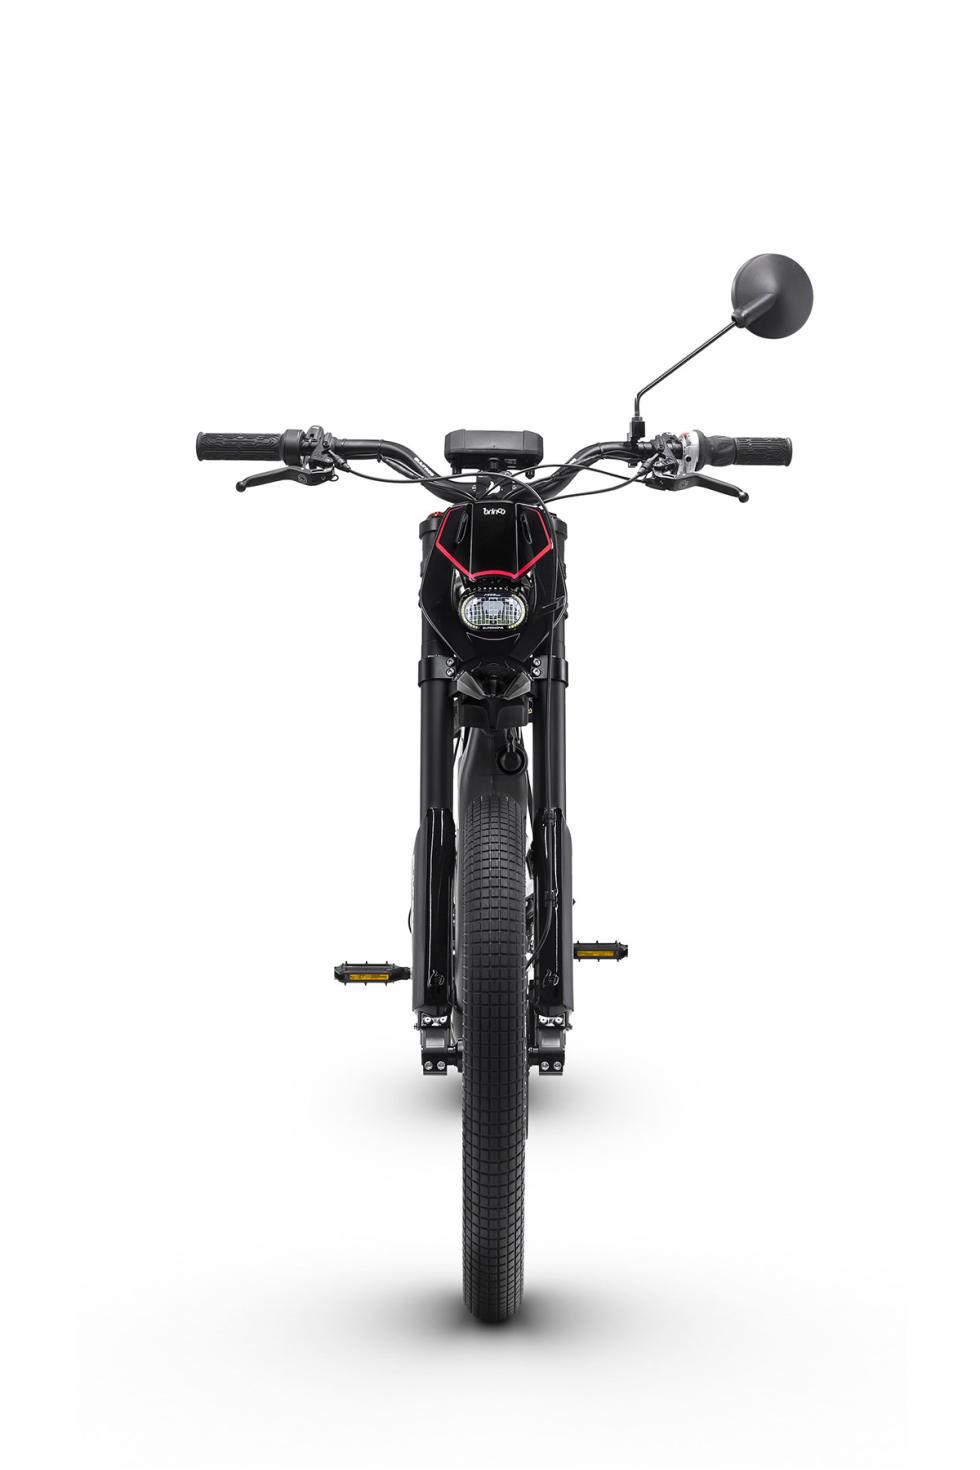 Bultaco-Brinco-2016-11